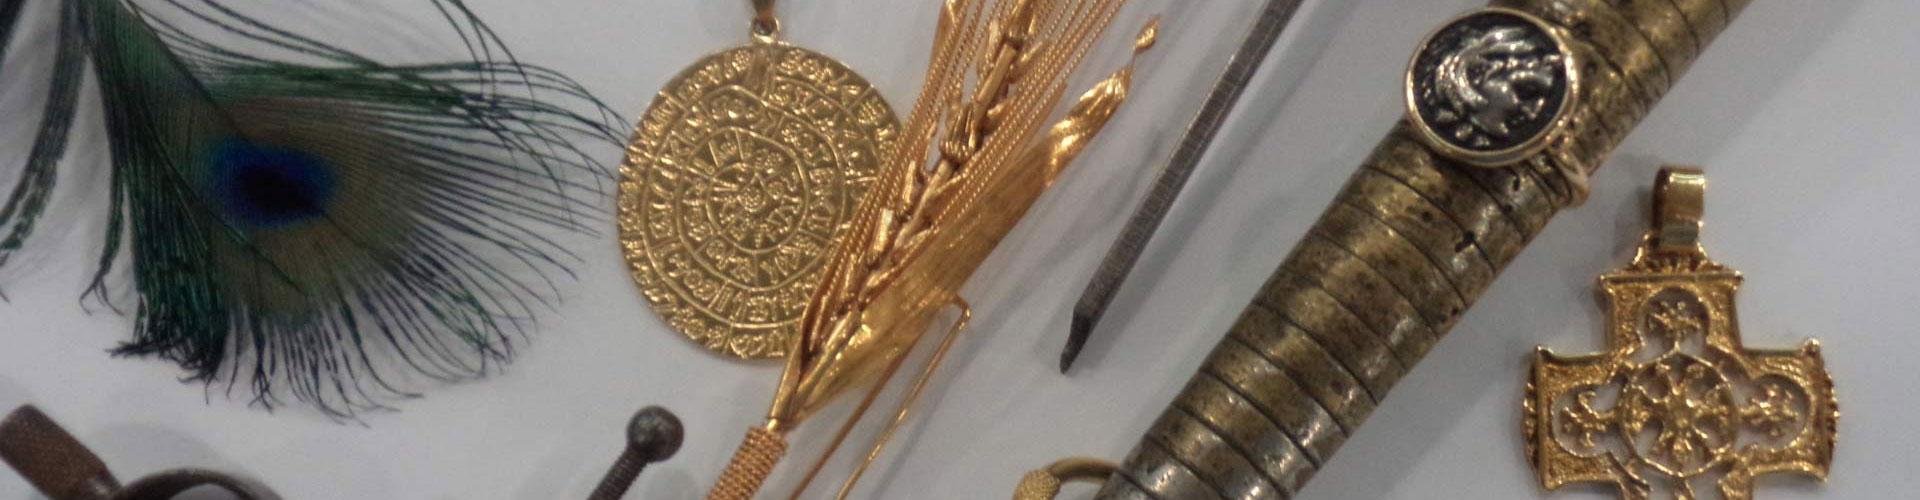 Συλλογή από κοσμήματα